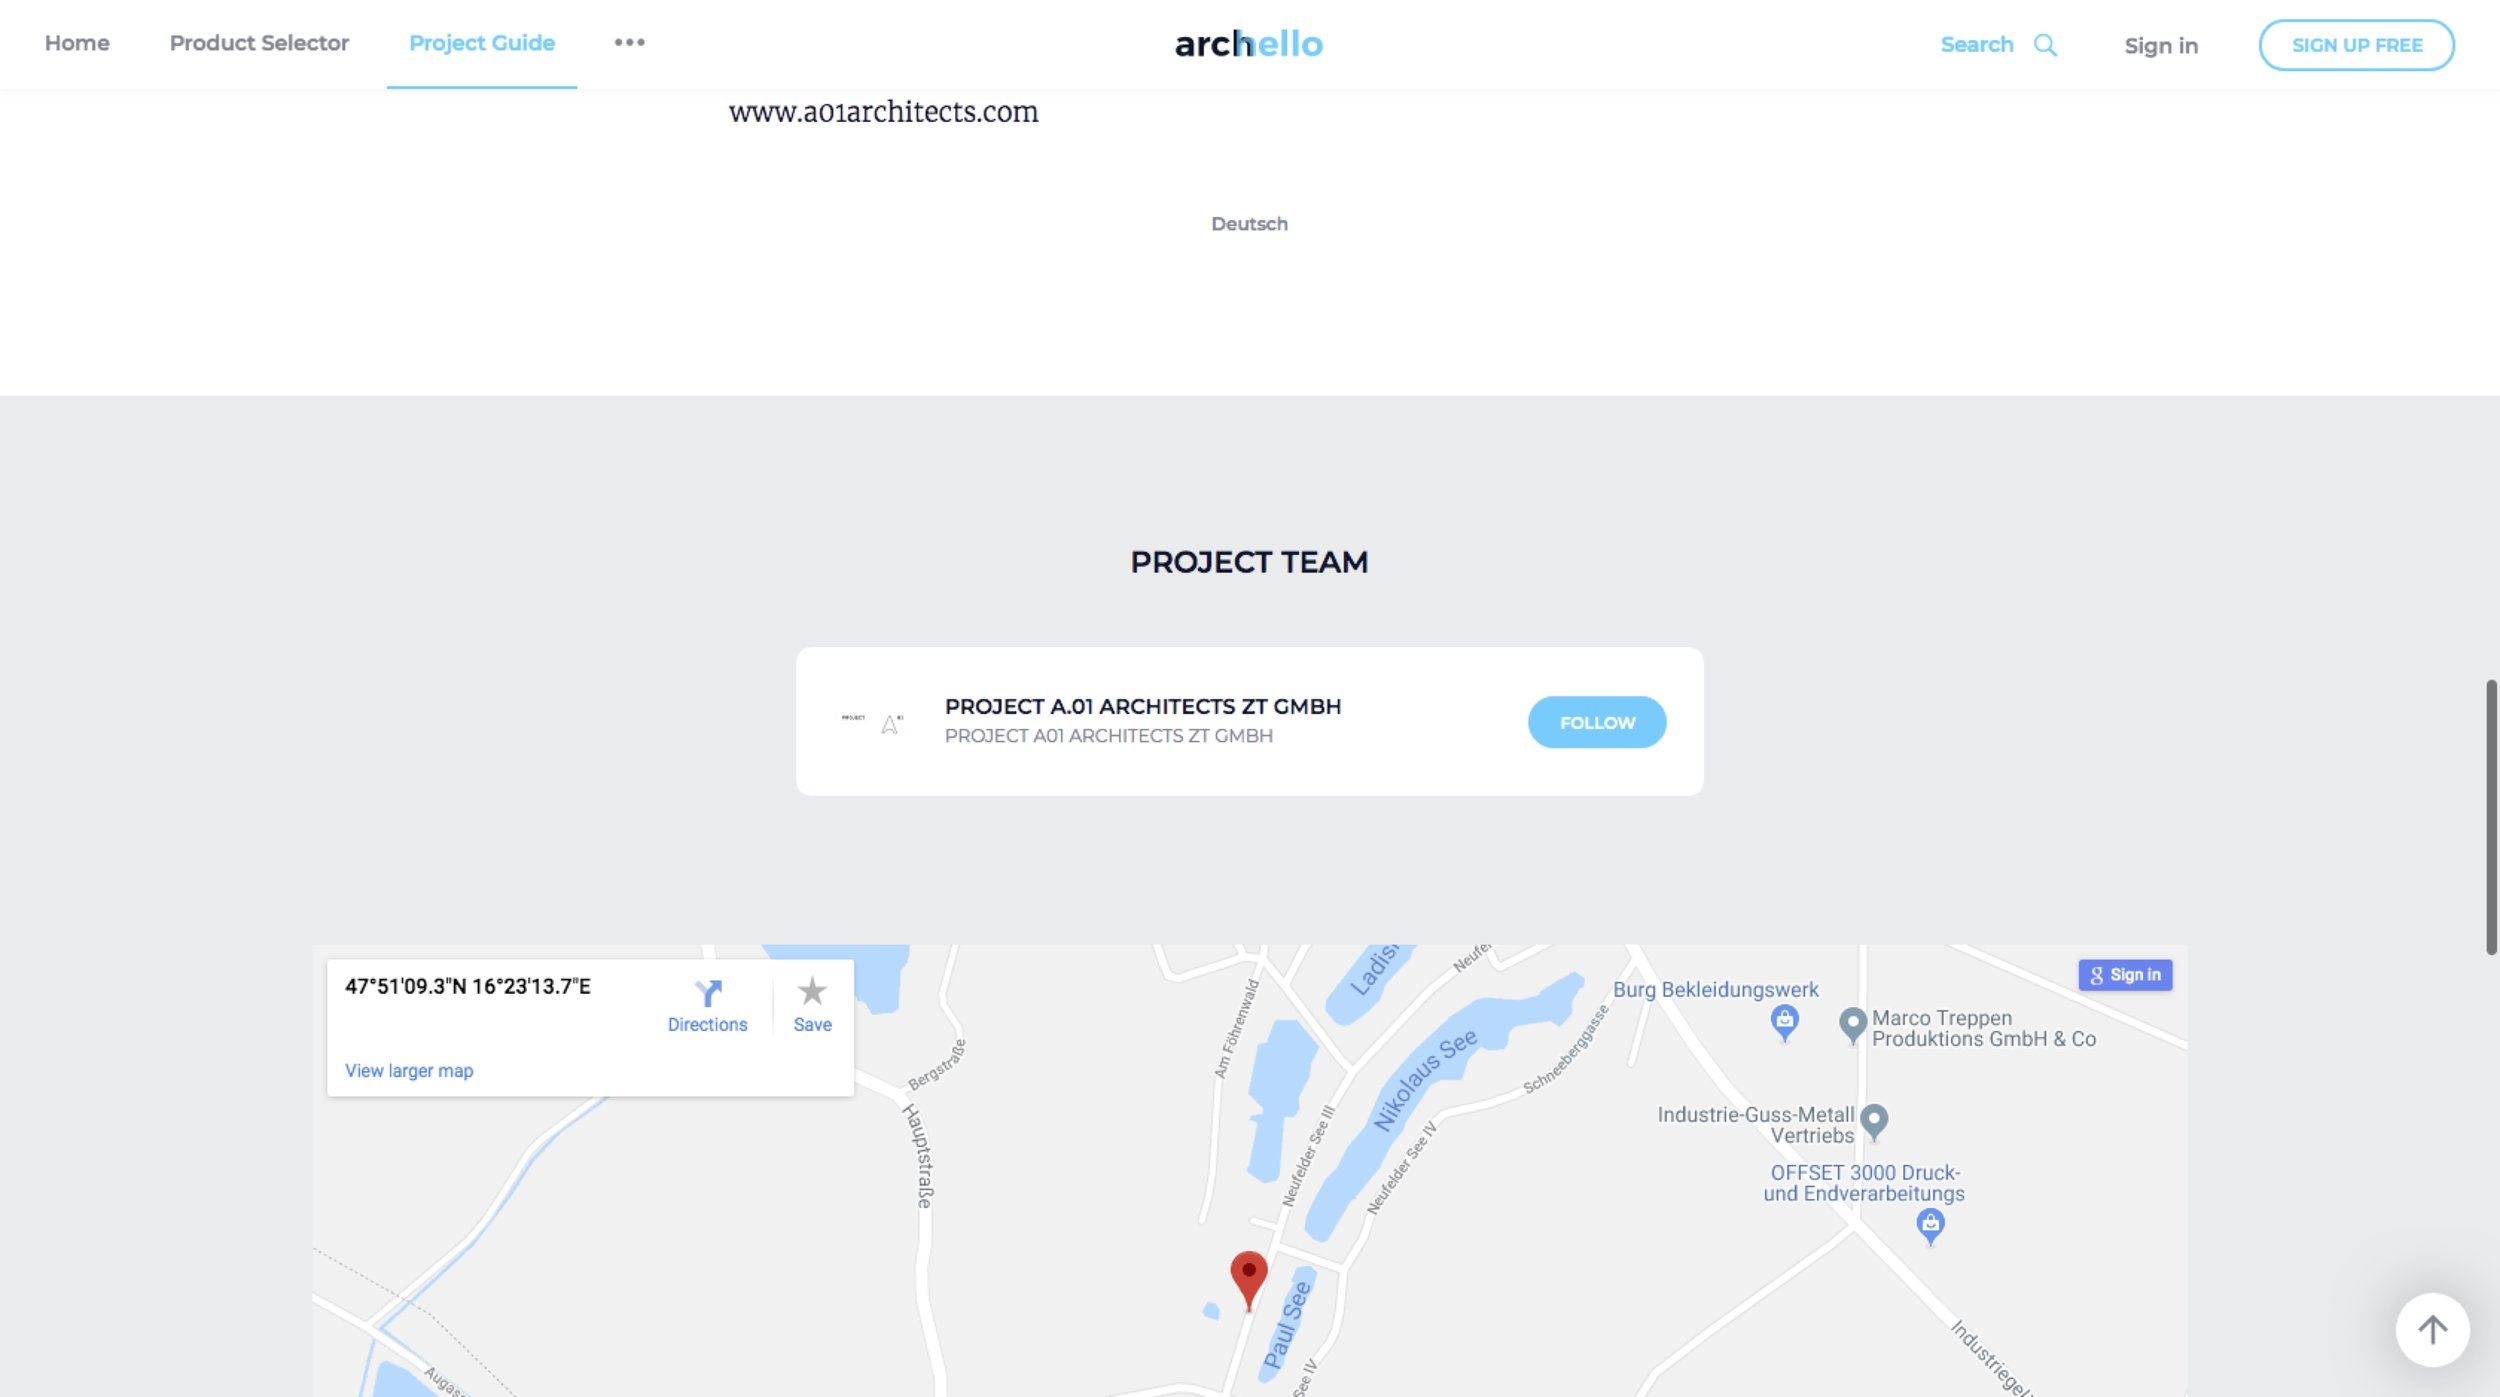 screenshot-archello.com-2019.08.14-08_50_17 E2.jpg